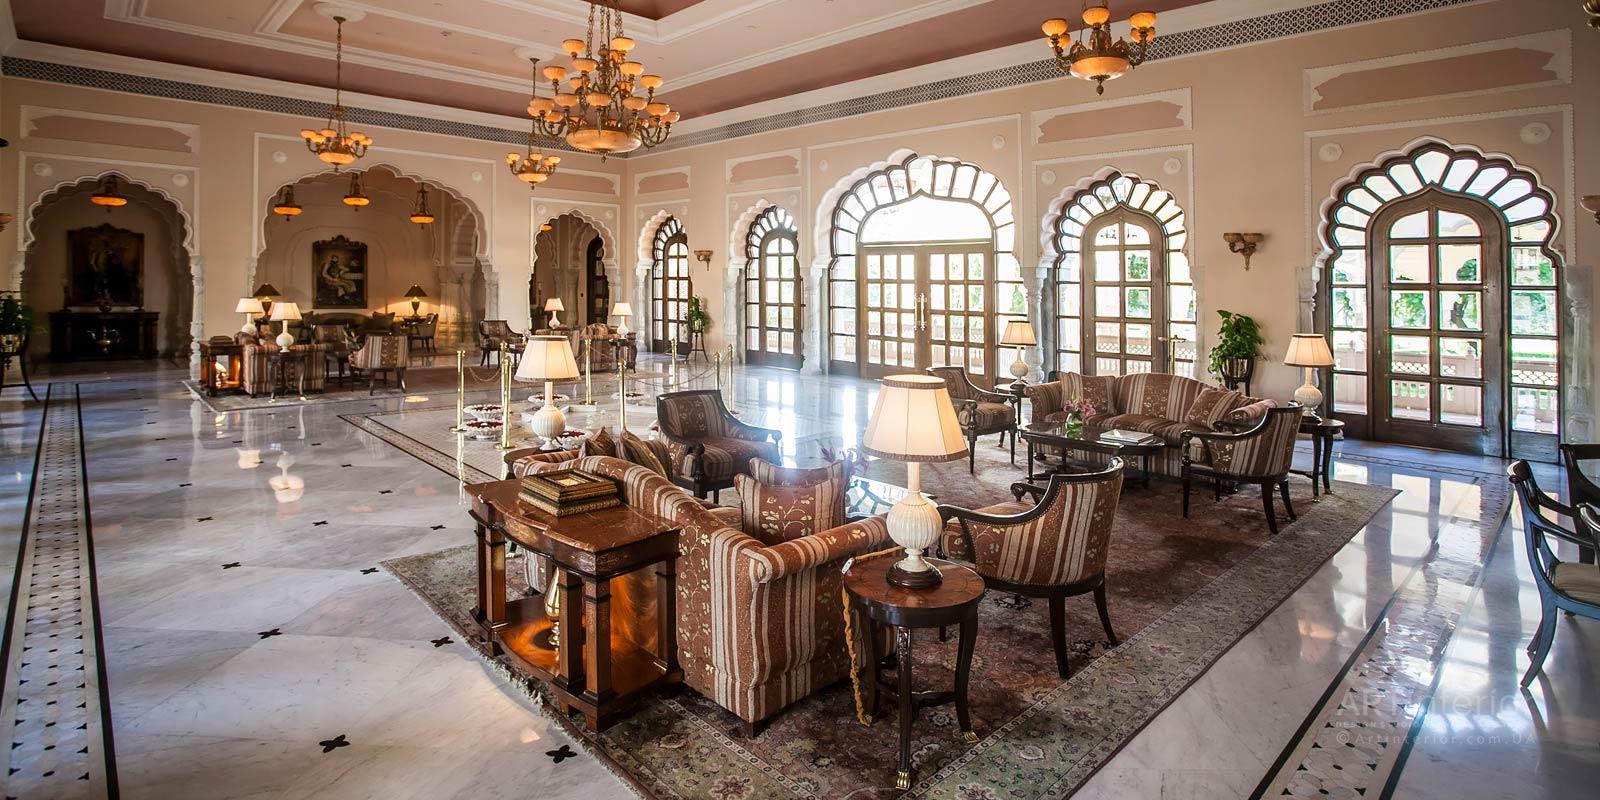 Индийская архитектура | Дизайн и стиль интерьера квартиры, дома, офиса от «Artinterior», Киев, artinterior.com.ua